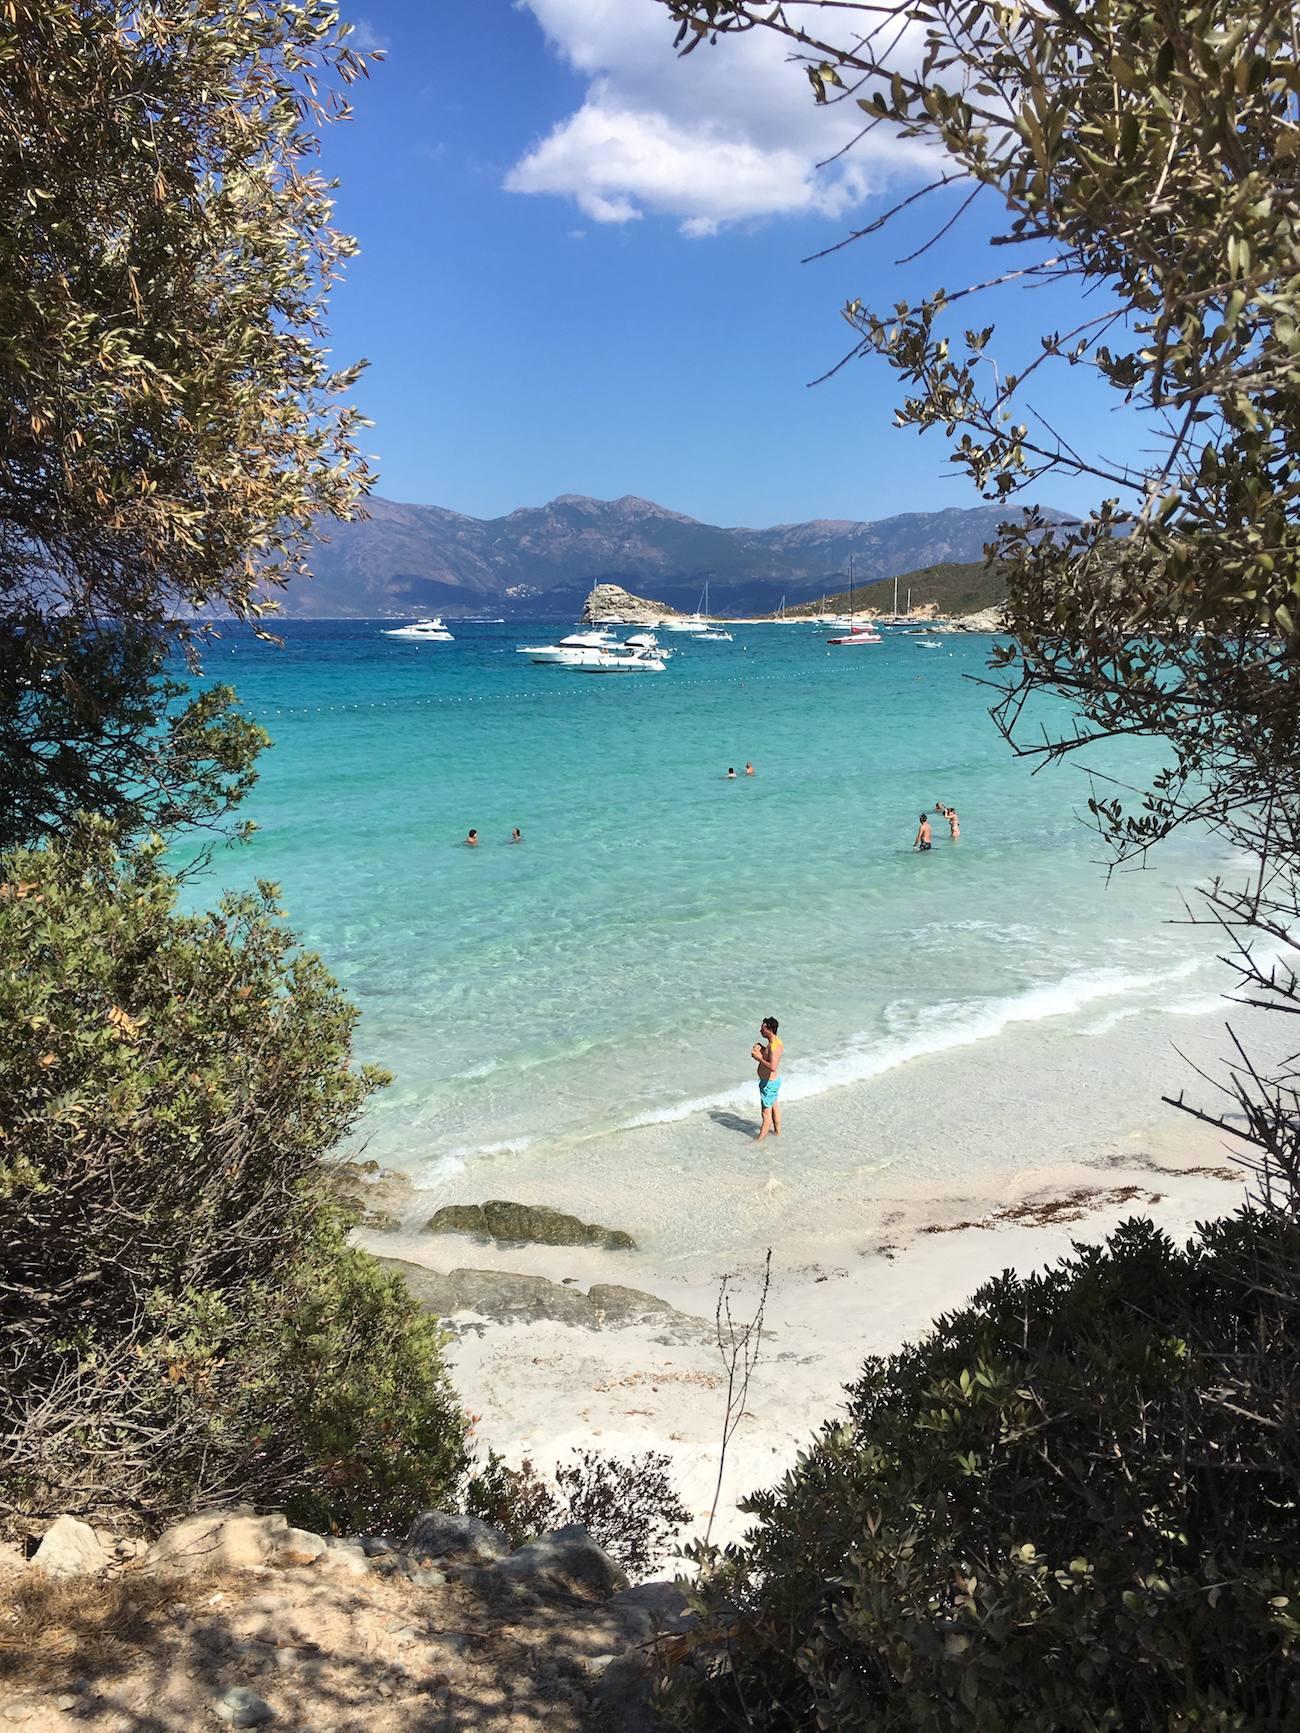 Corse - Road trip bonnes adresses - Blog Voyage nantes 25